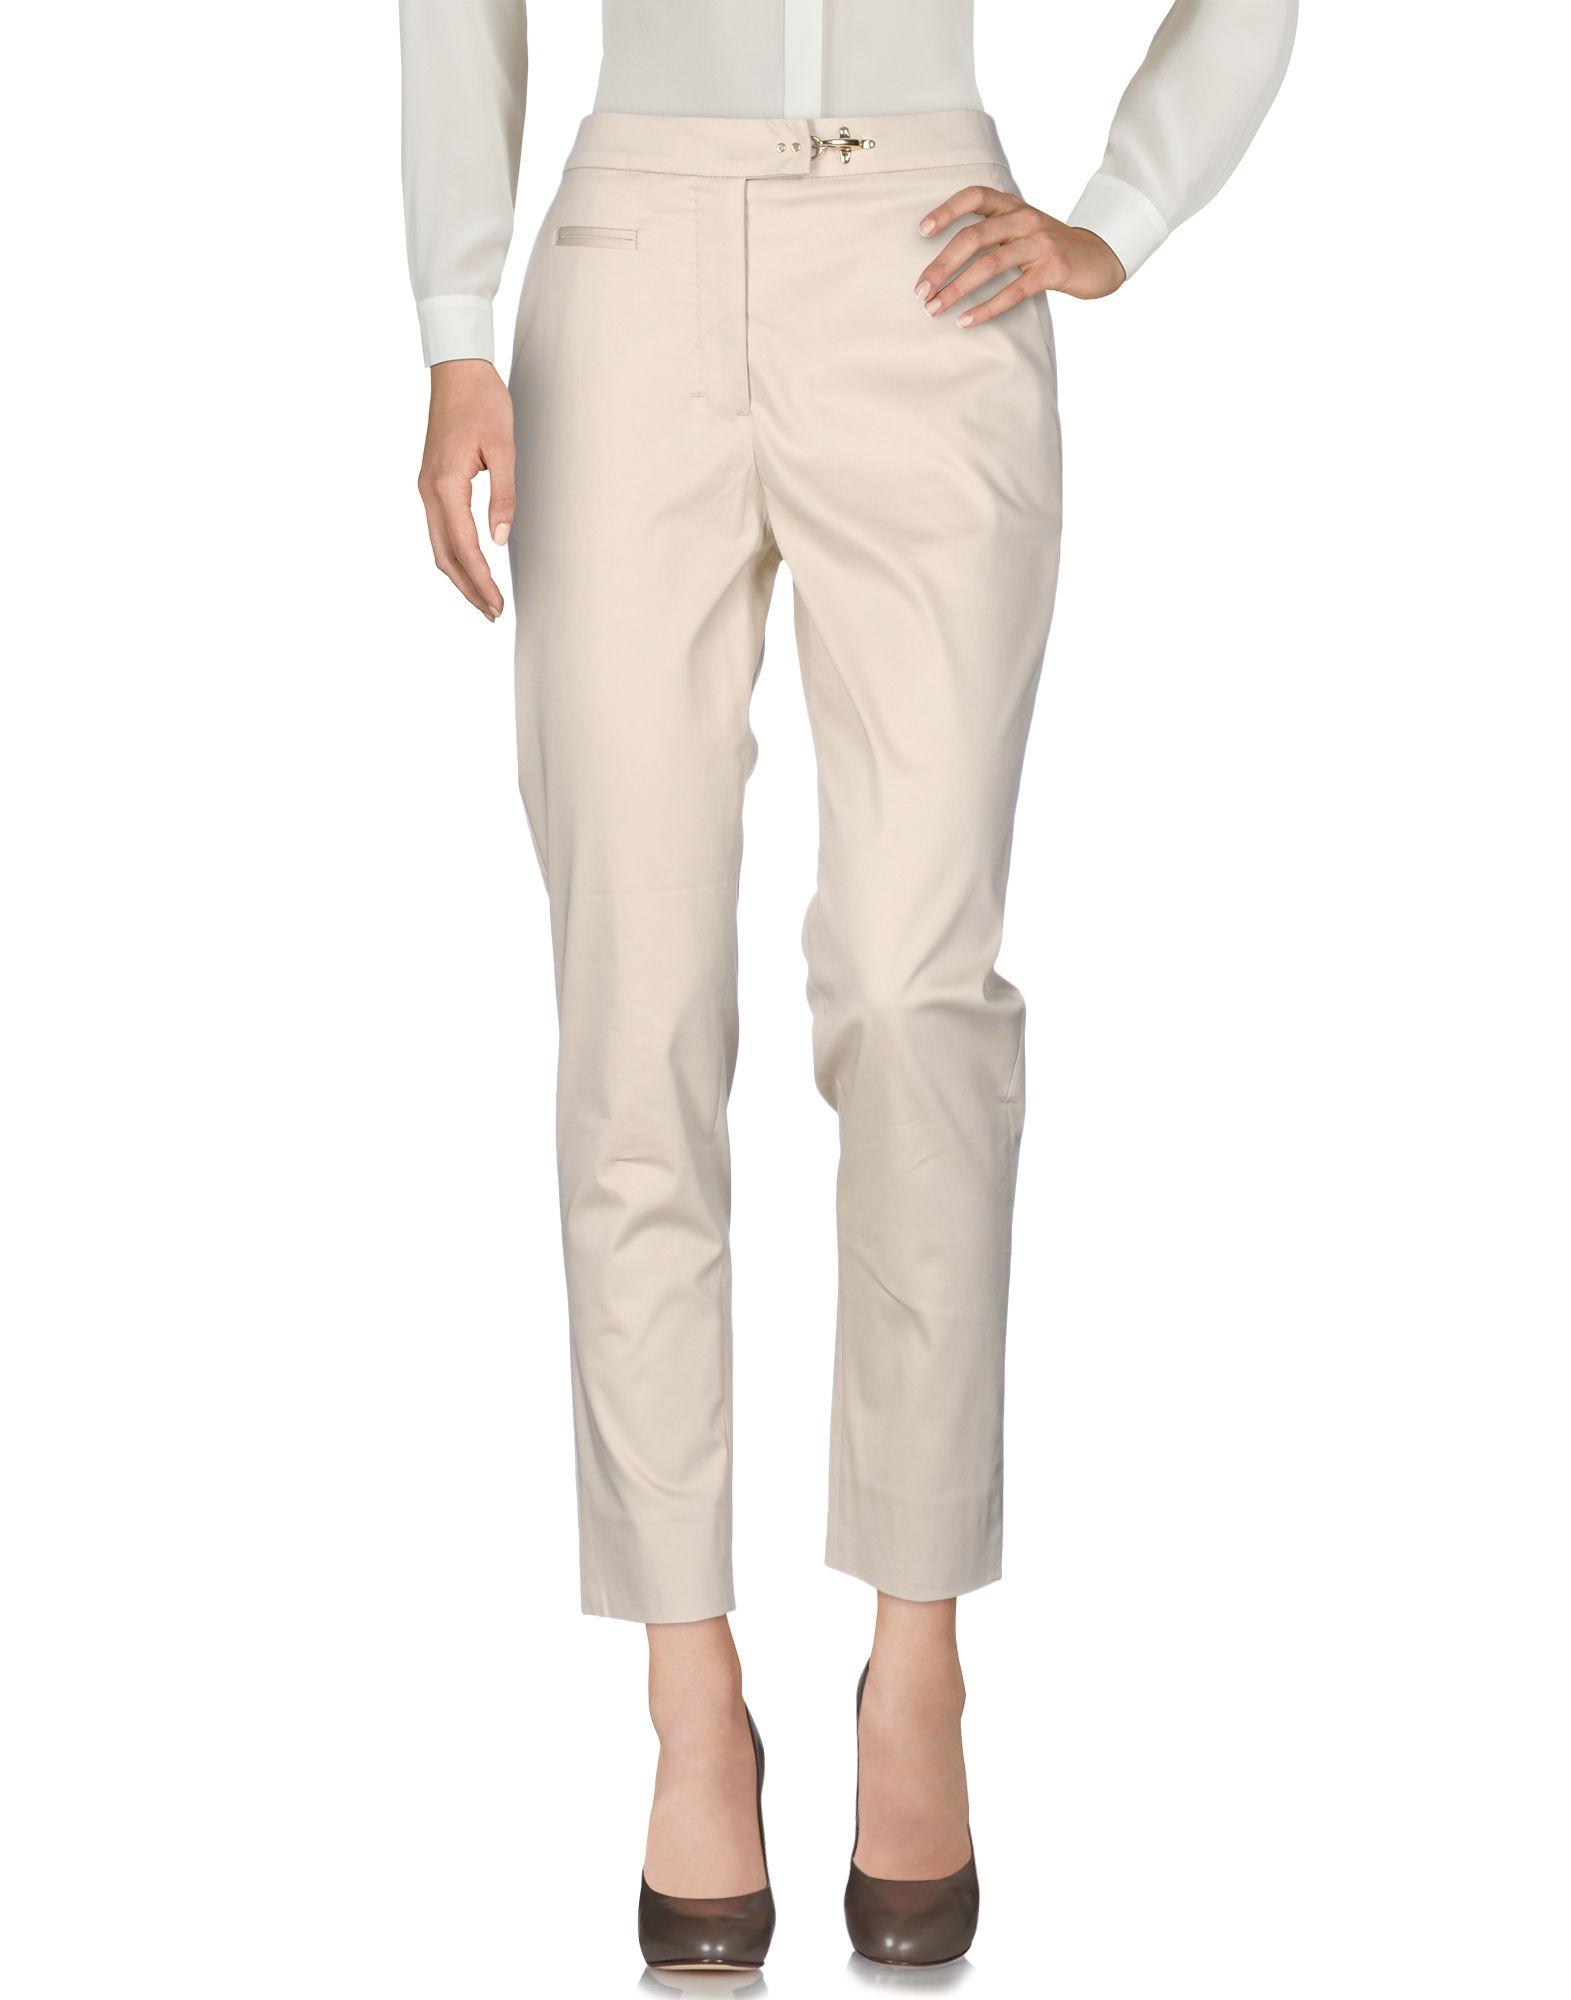 FAY Damen Hose Farbe Beige Größe 5 - broschei